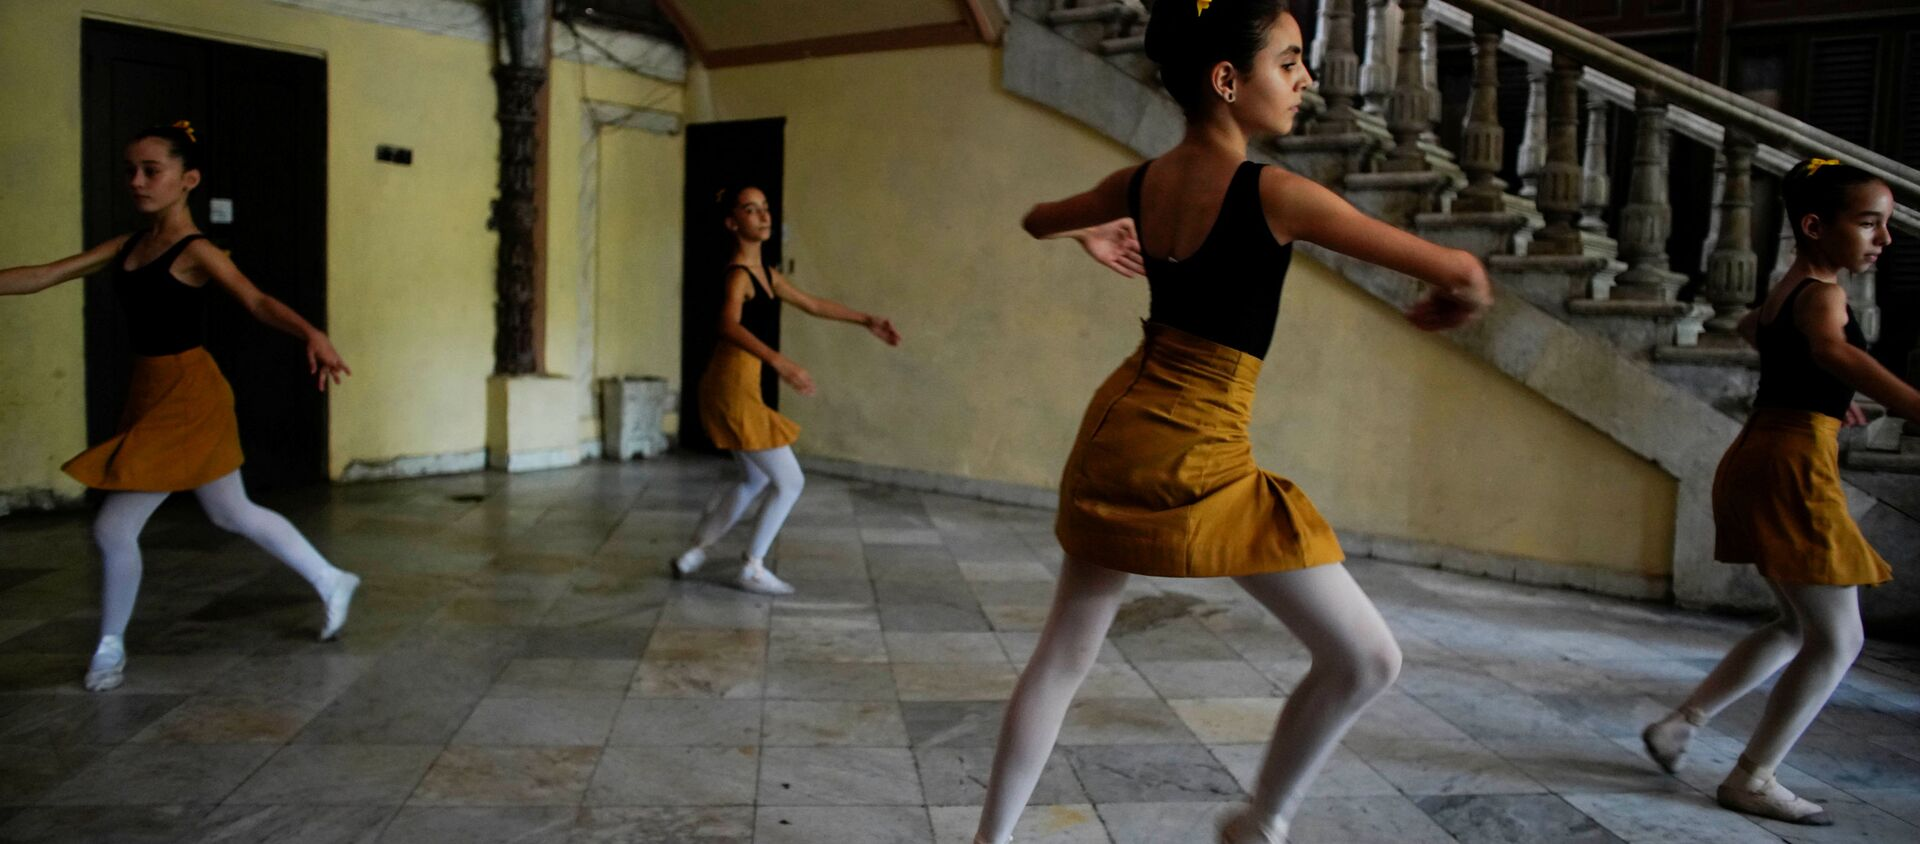 Así se entrenan los alumnos de la Escuela Nacional de Ballet de Cuba  - Sputnik Mundo, 1920, 24.10.2019